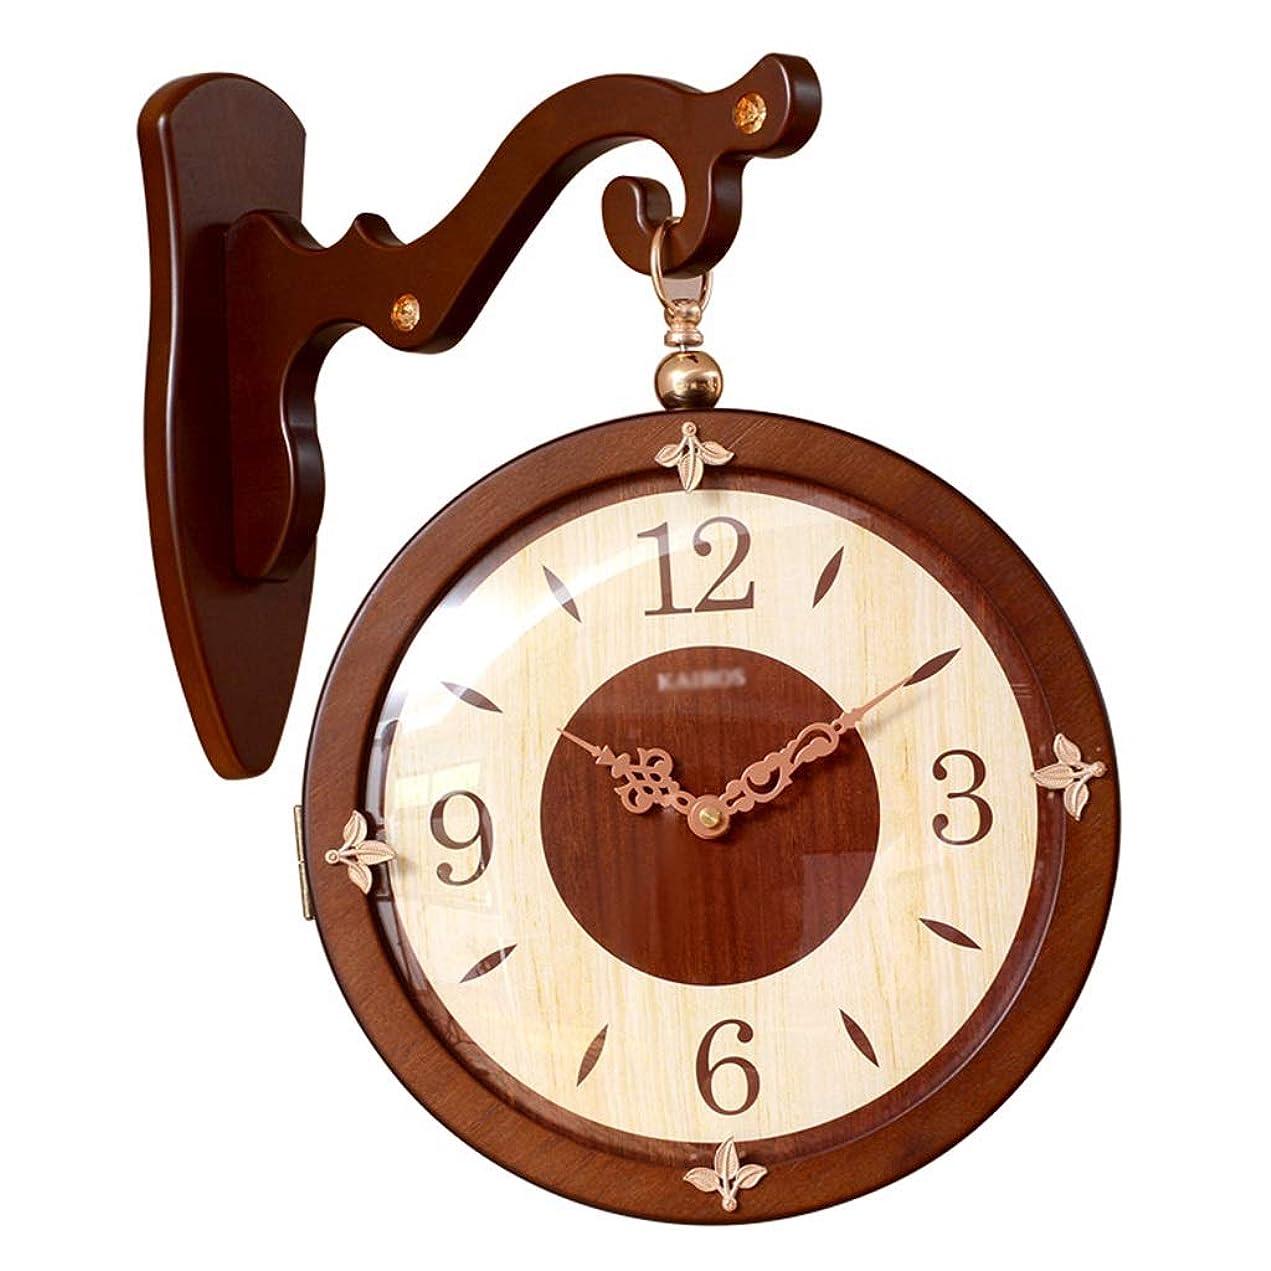 冷笑する間欠静かに両面壁時計、中国の壁時計無垢材の壁時計シンプルな石英の壁時計屋内の壁時計 (色 : ブラウン ぶらうん, サイズ さいず : 40*27*30*36*6.5*28CM)